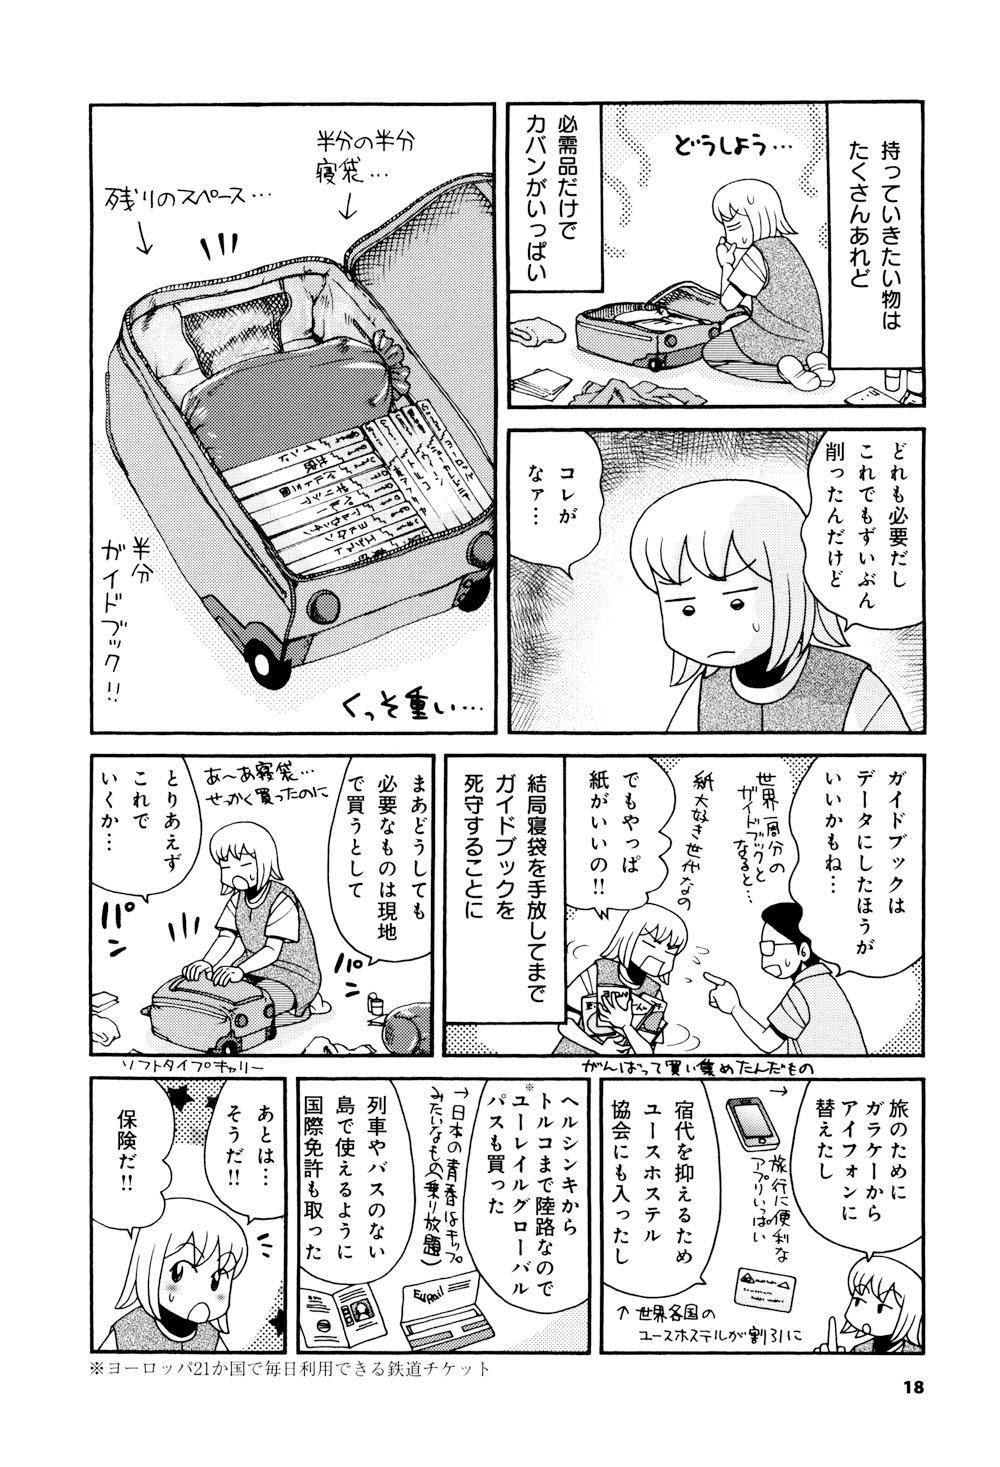 よくばり世界一周(上)_019.jpg